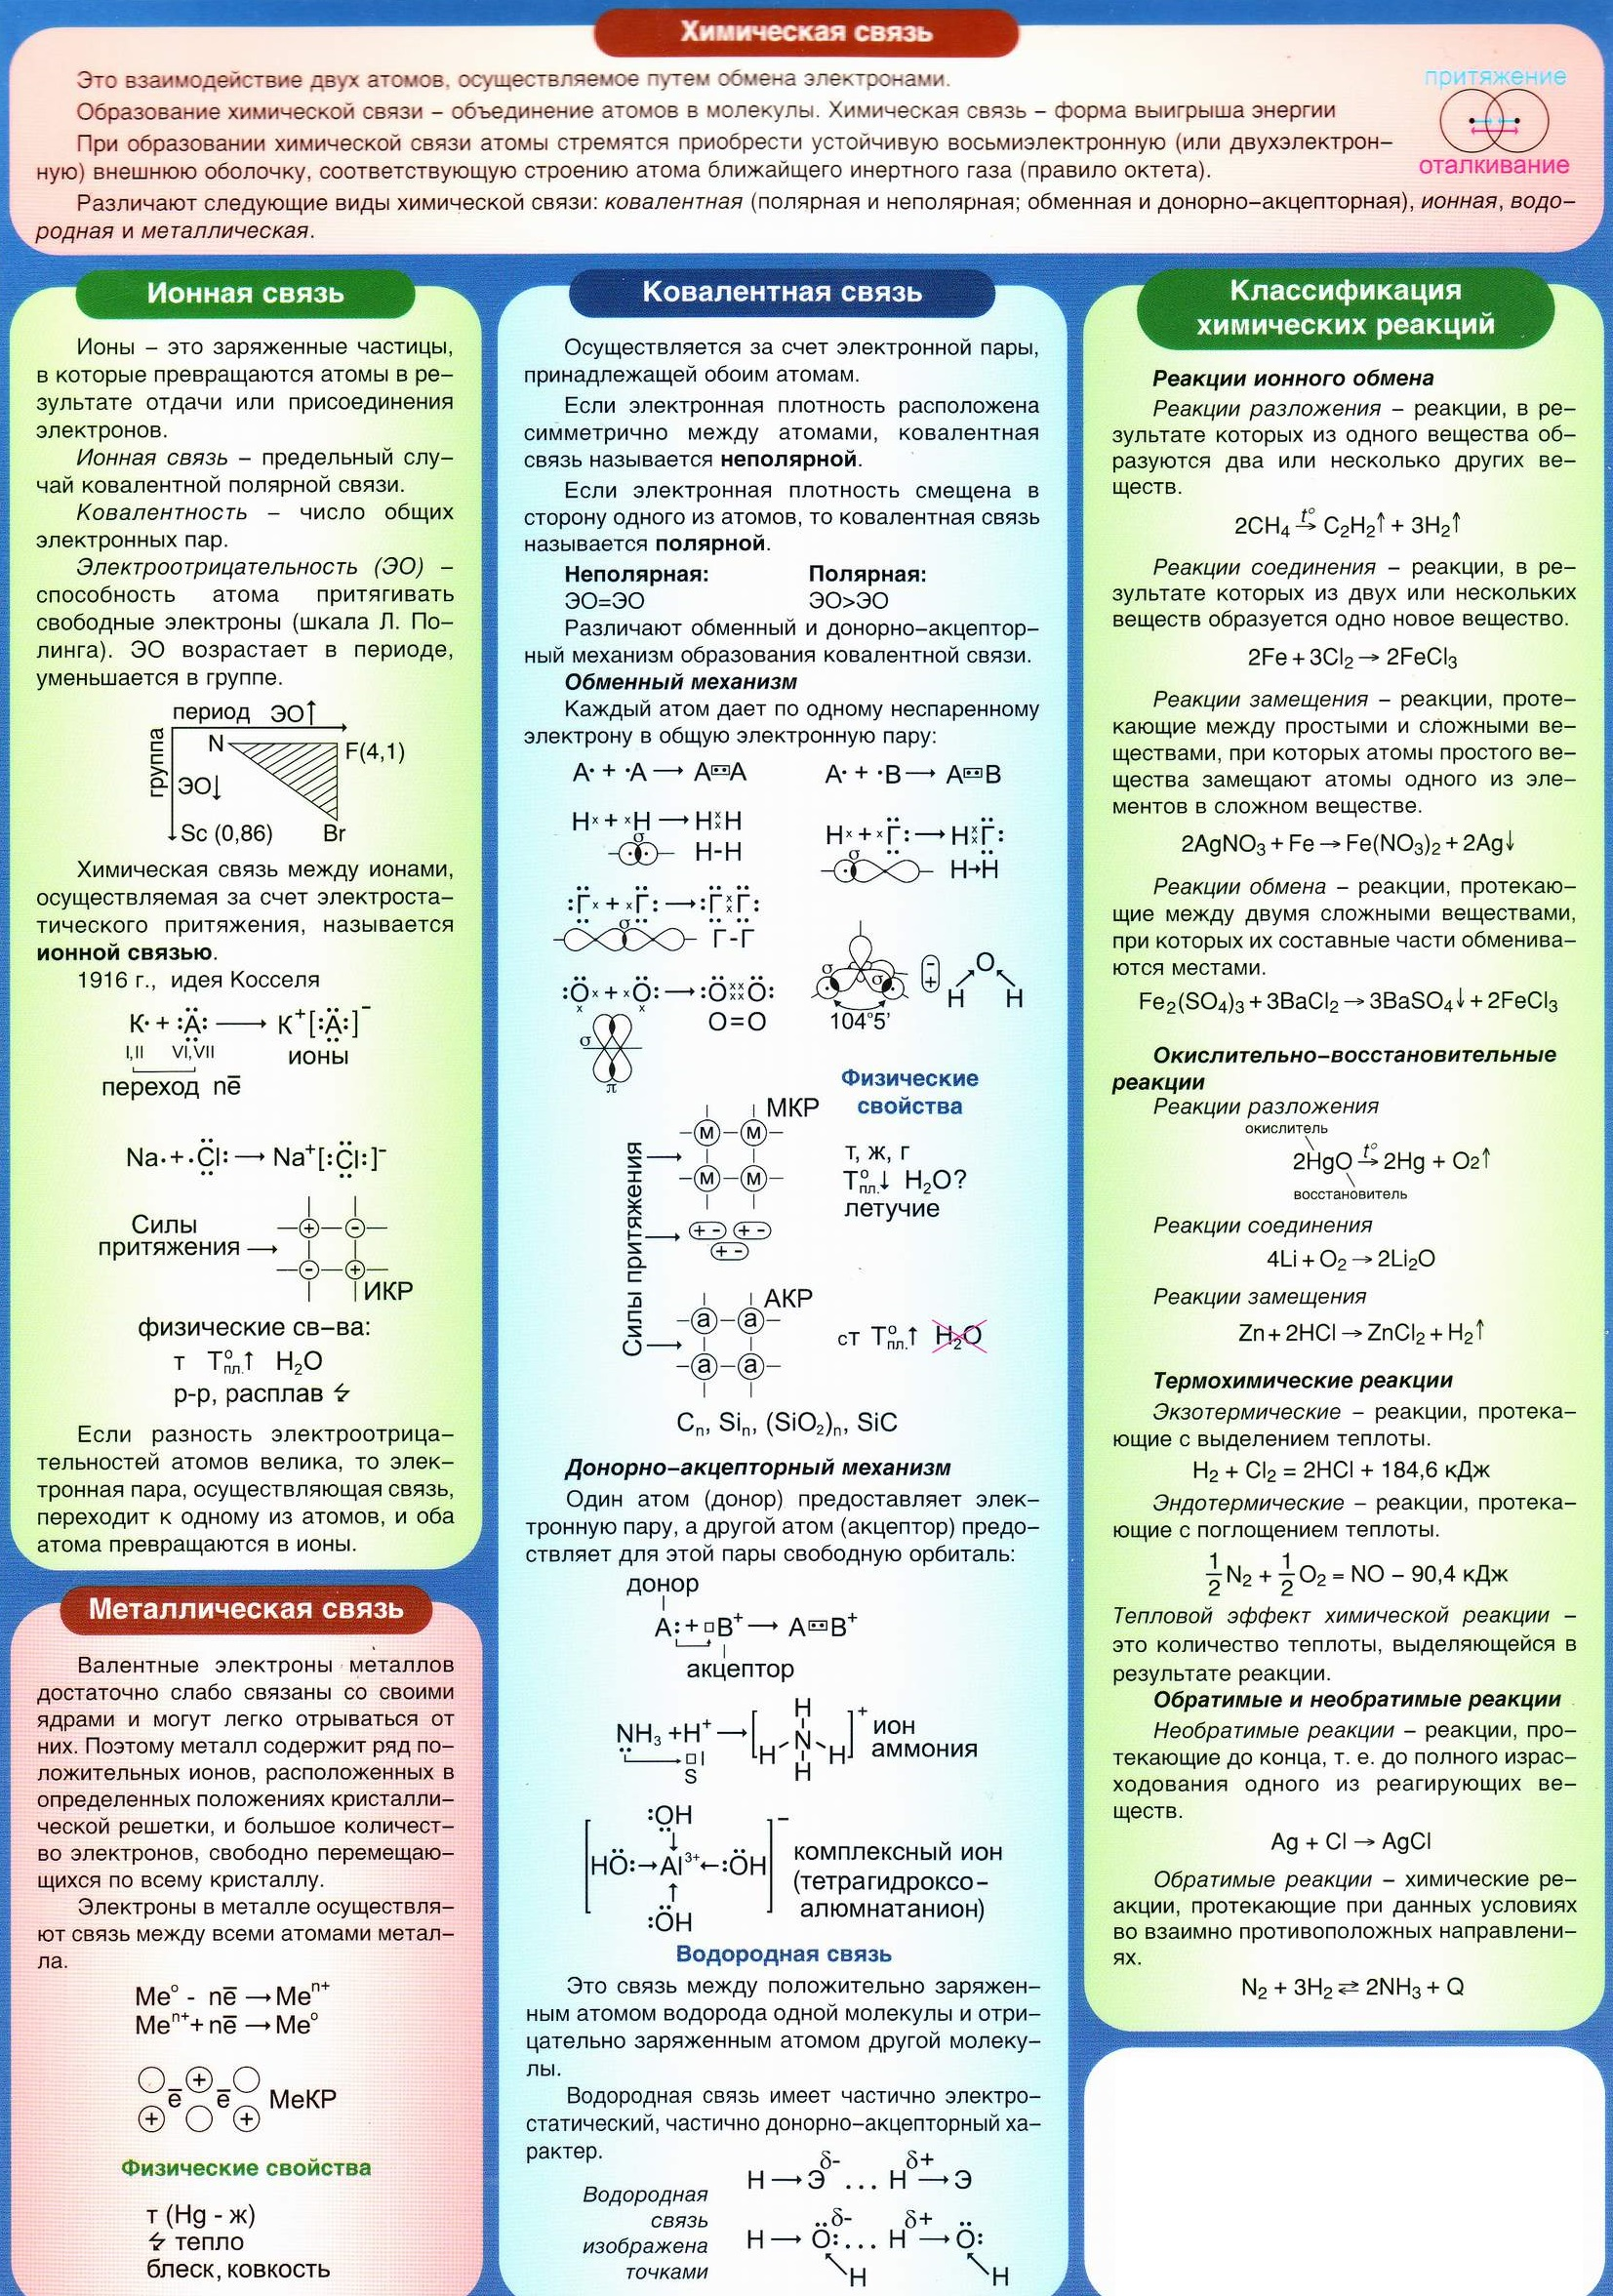 Химическая связь. Ионная, ковалентная, металлическая, водородная химические связи. Классификация химических реакций. Реакции - ионного обмена, окислительно-восстановительные, термохимические, обратимые и необратимые.